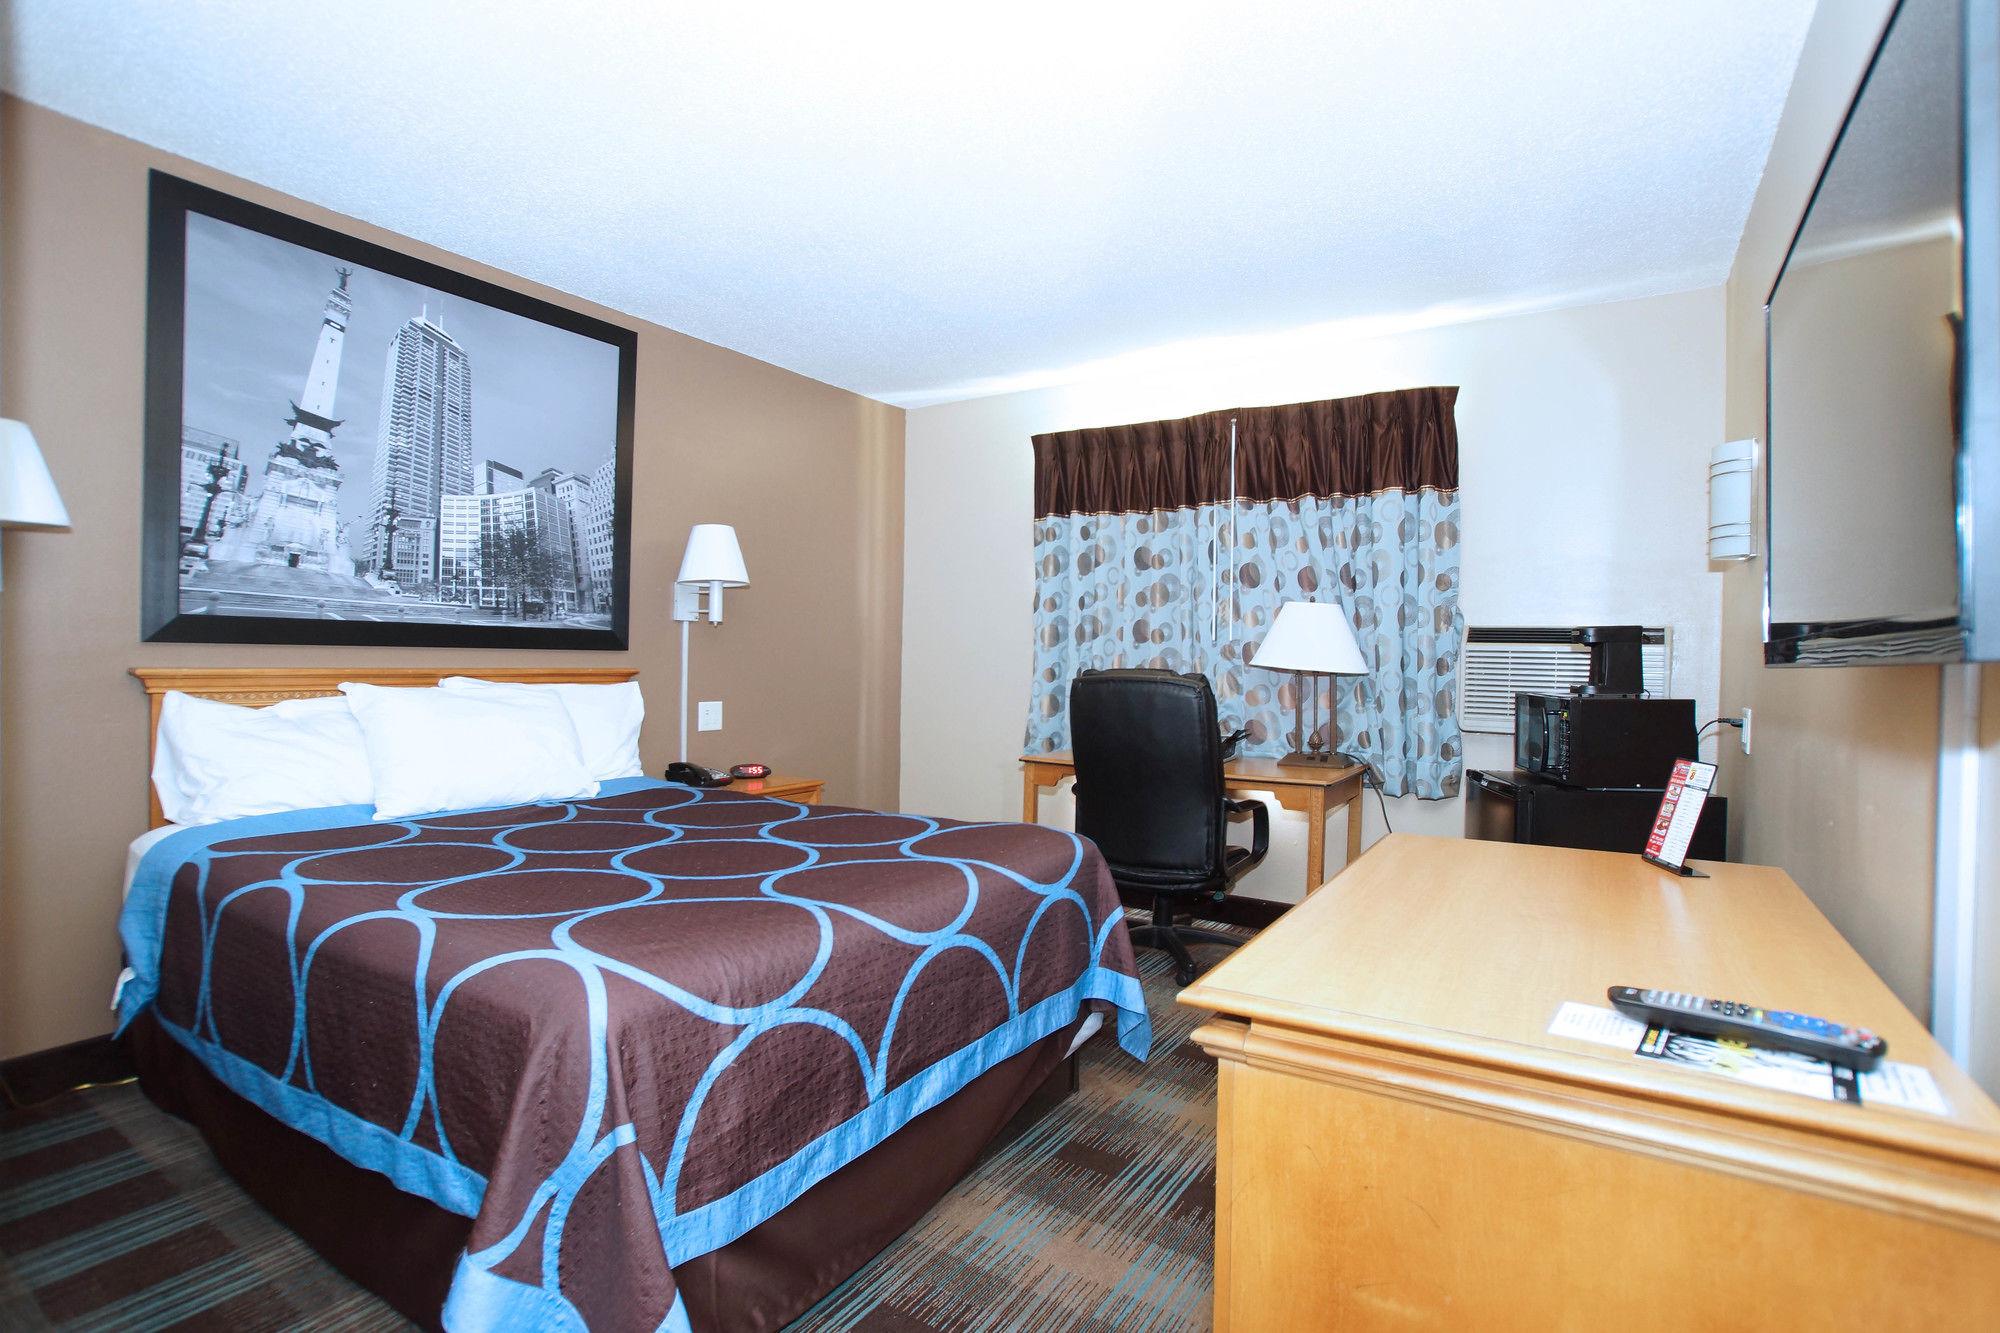 elkhart hotel coupons for elkhart indiana. Black Bedroom Furniture Sets. Home Design Ideas